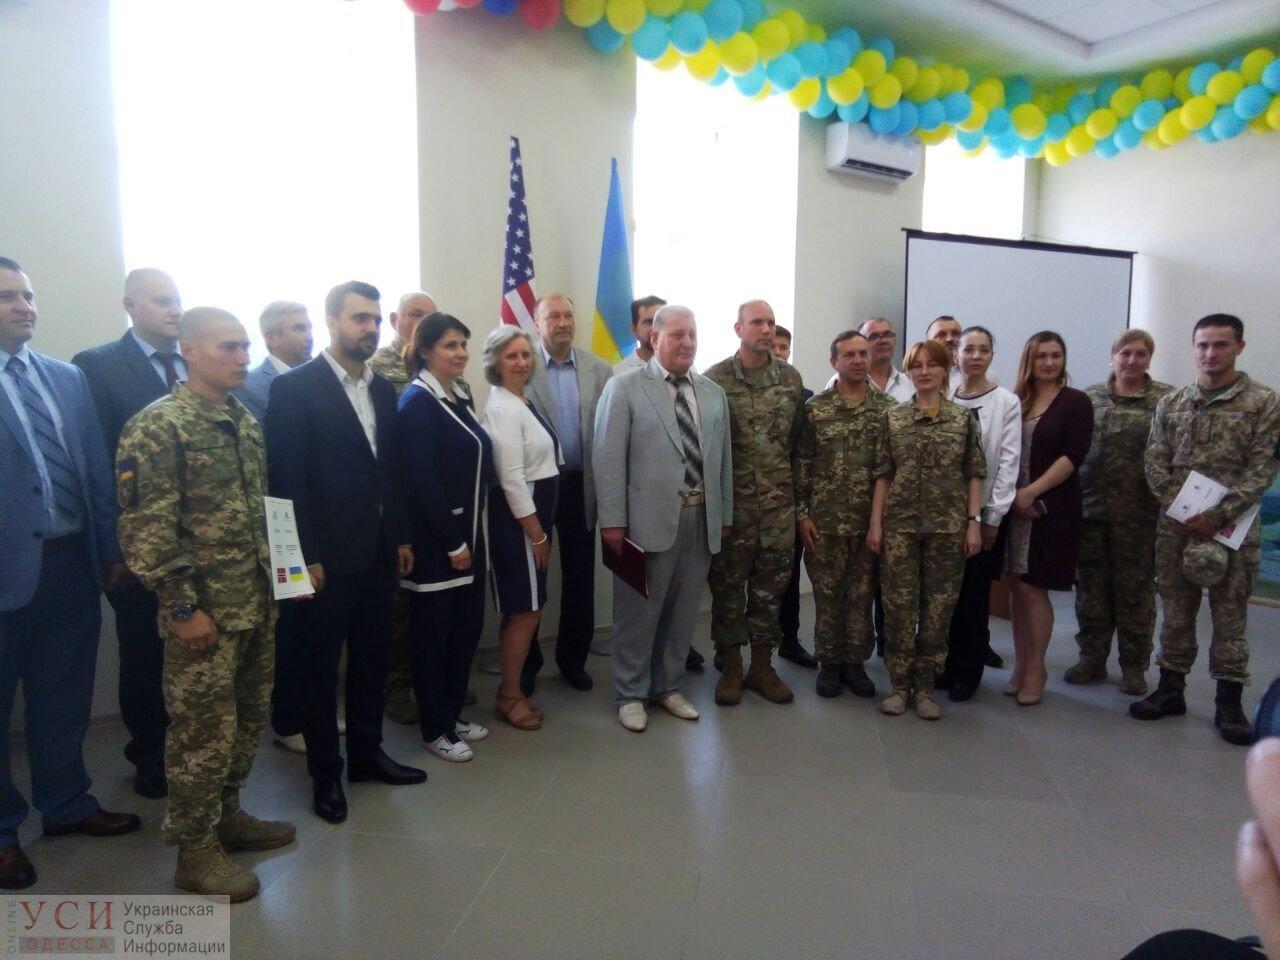 В Одессе открылся Реабилитационный центр для участников АТО, построенный по стандартам НАТО, фото-1